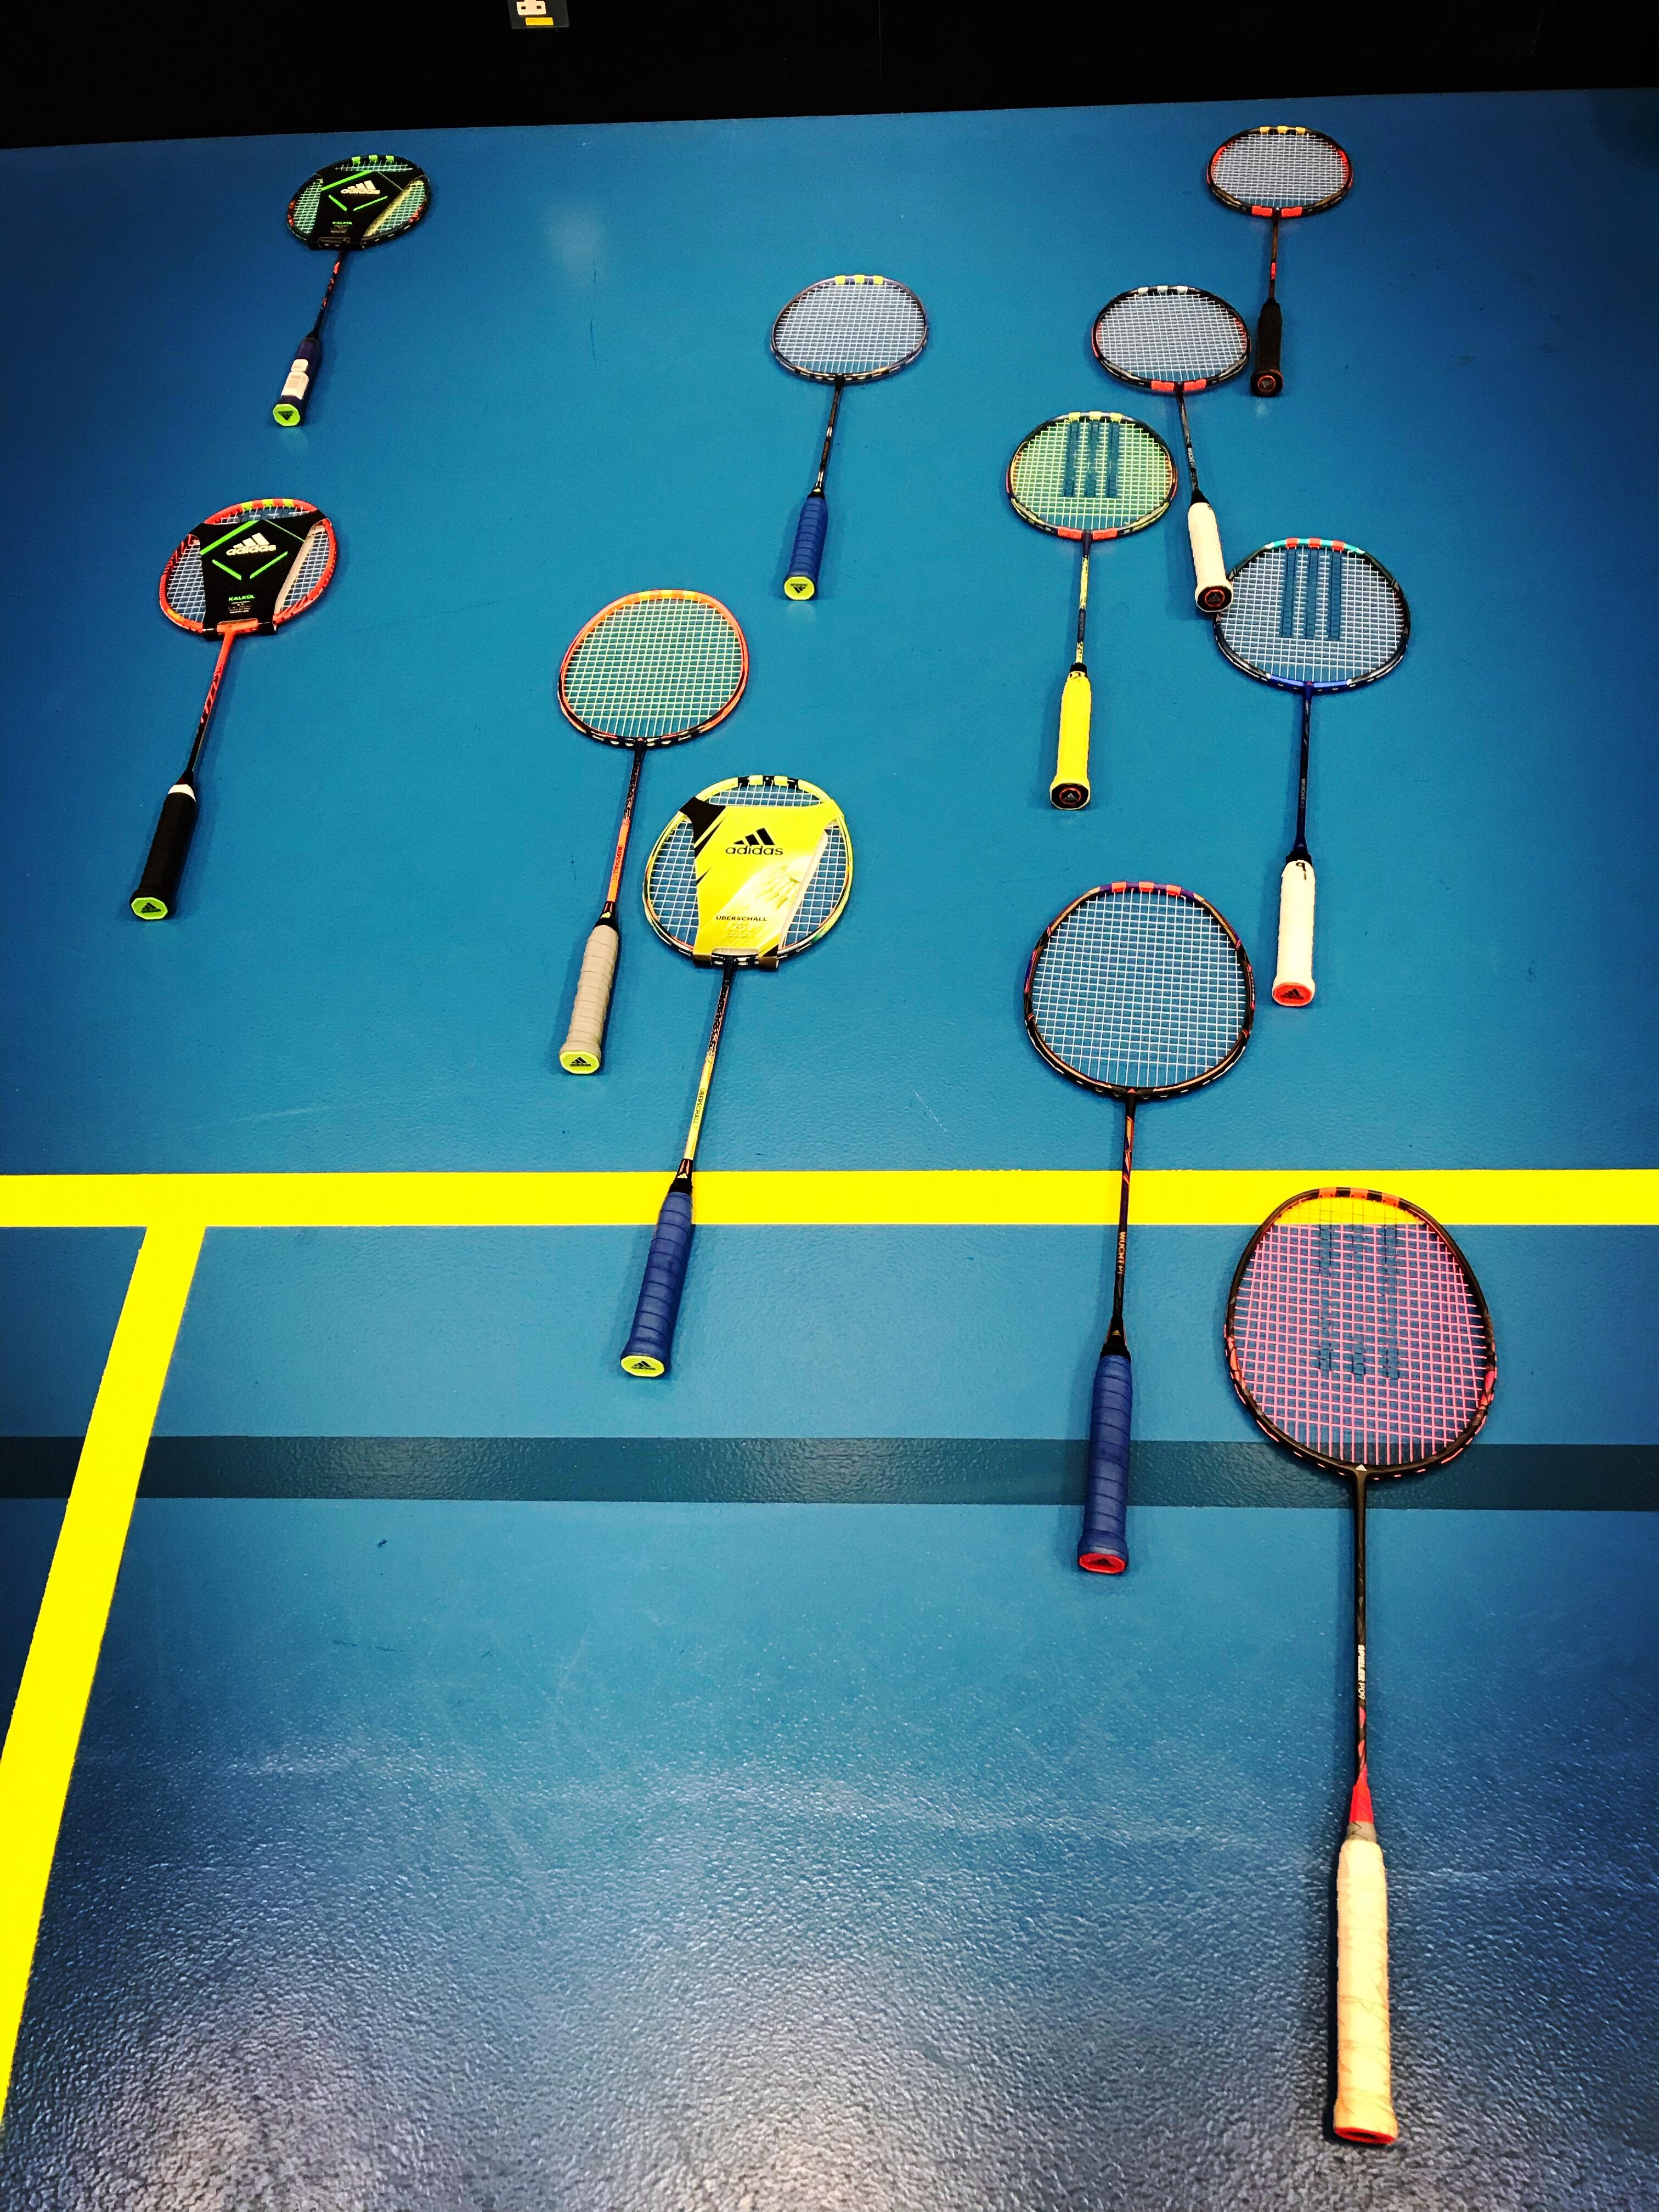 Adidas Badminton Shoes Hong Kong